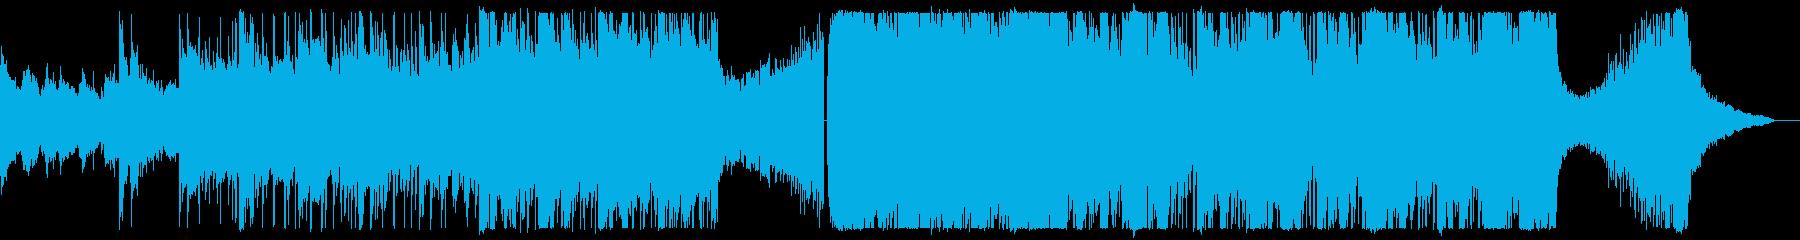 戦闘前_ギター&ドラム&モダンオケBGMの再生済みの波形